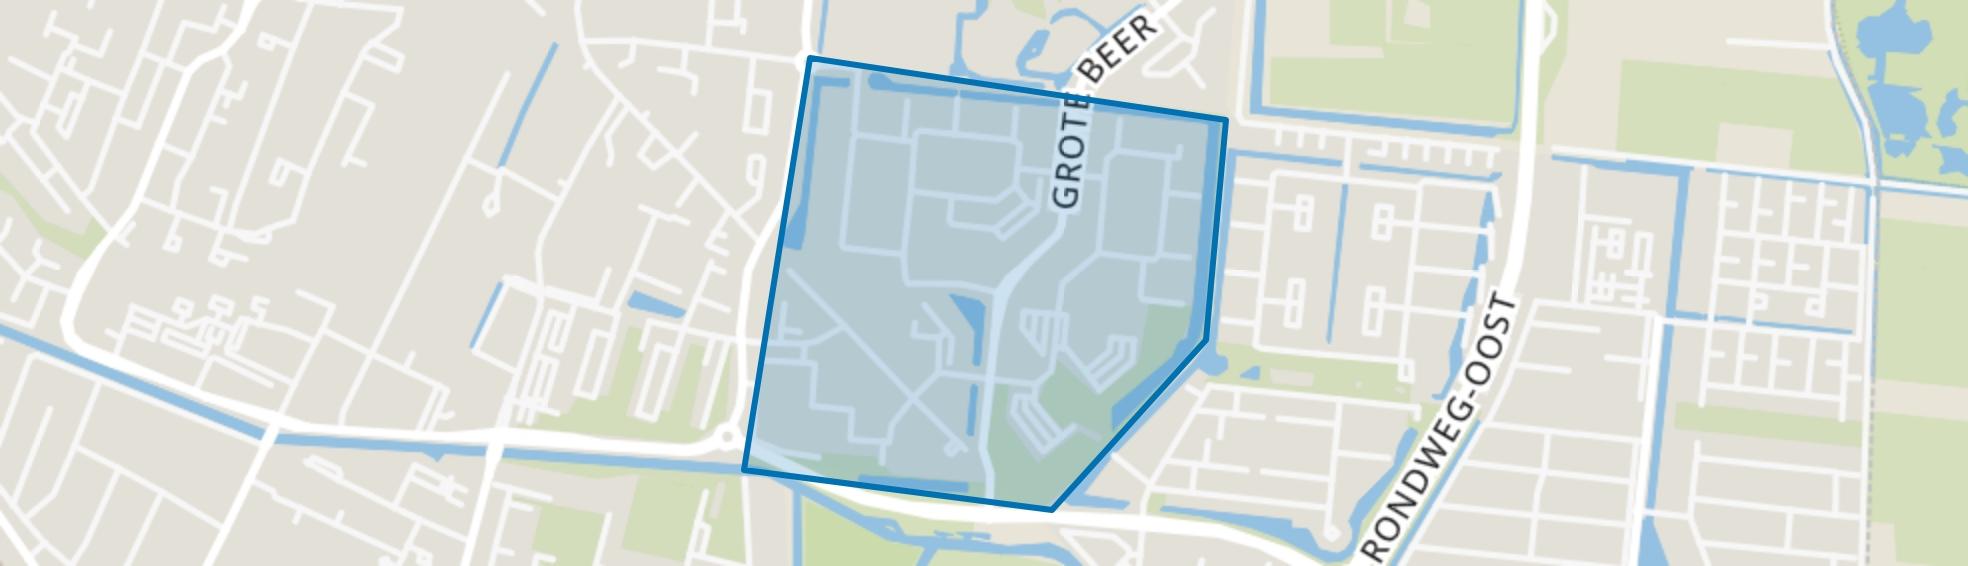 Dragonder-Zuid, Veenendaal map